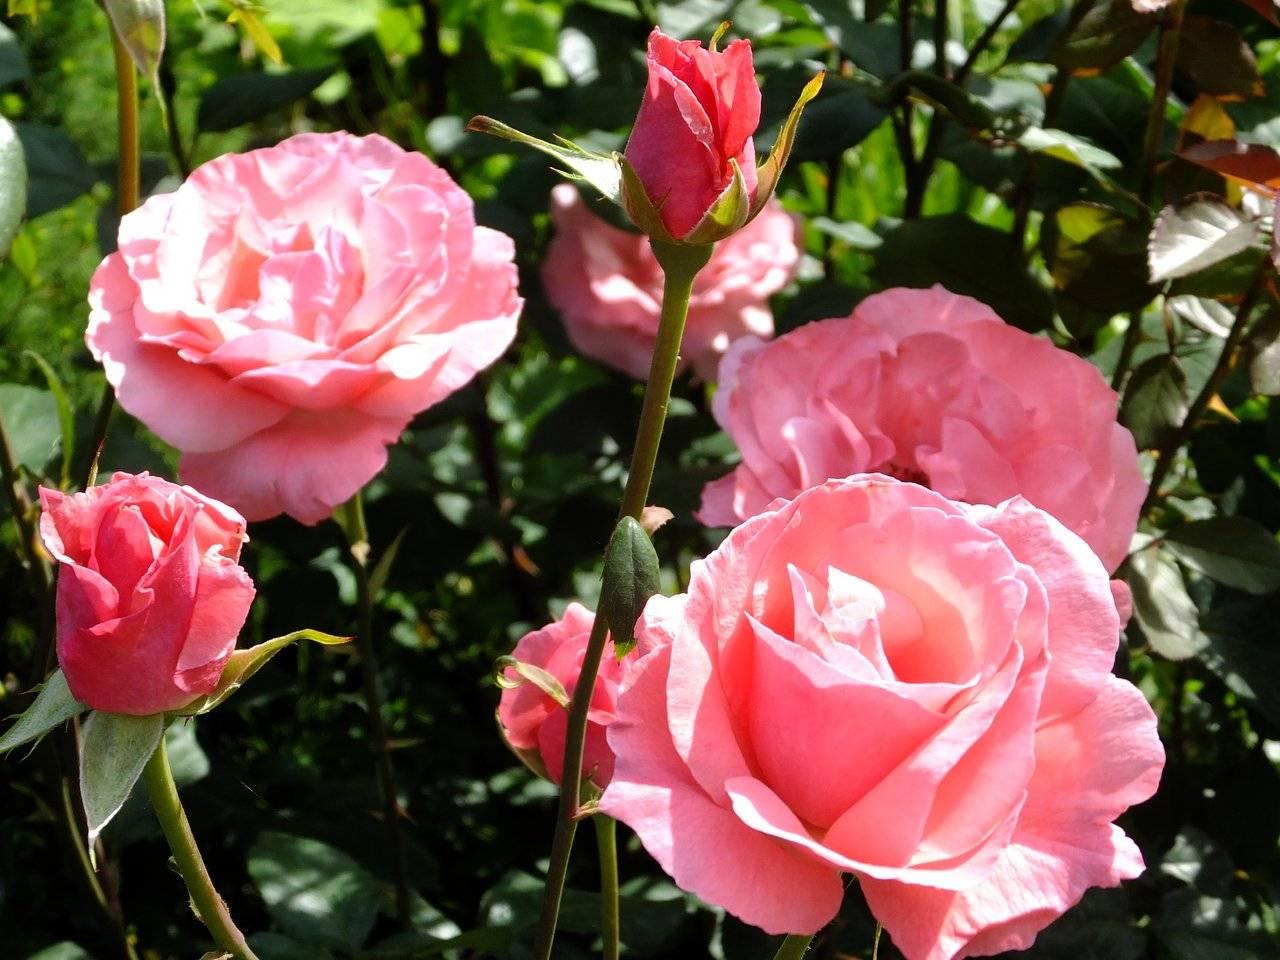 Описание лучших сортов роз: классификация, фото